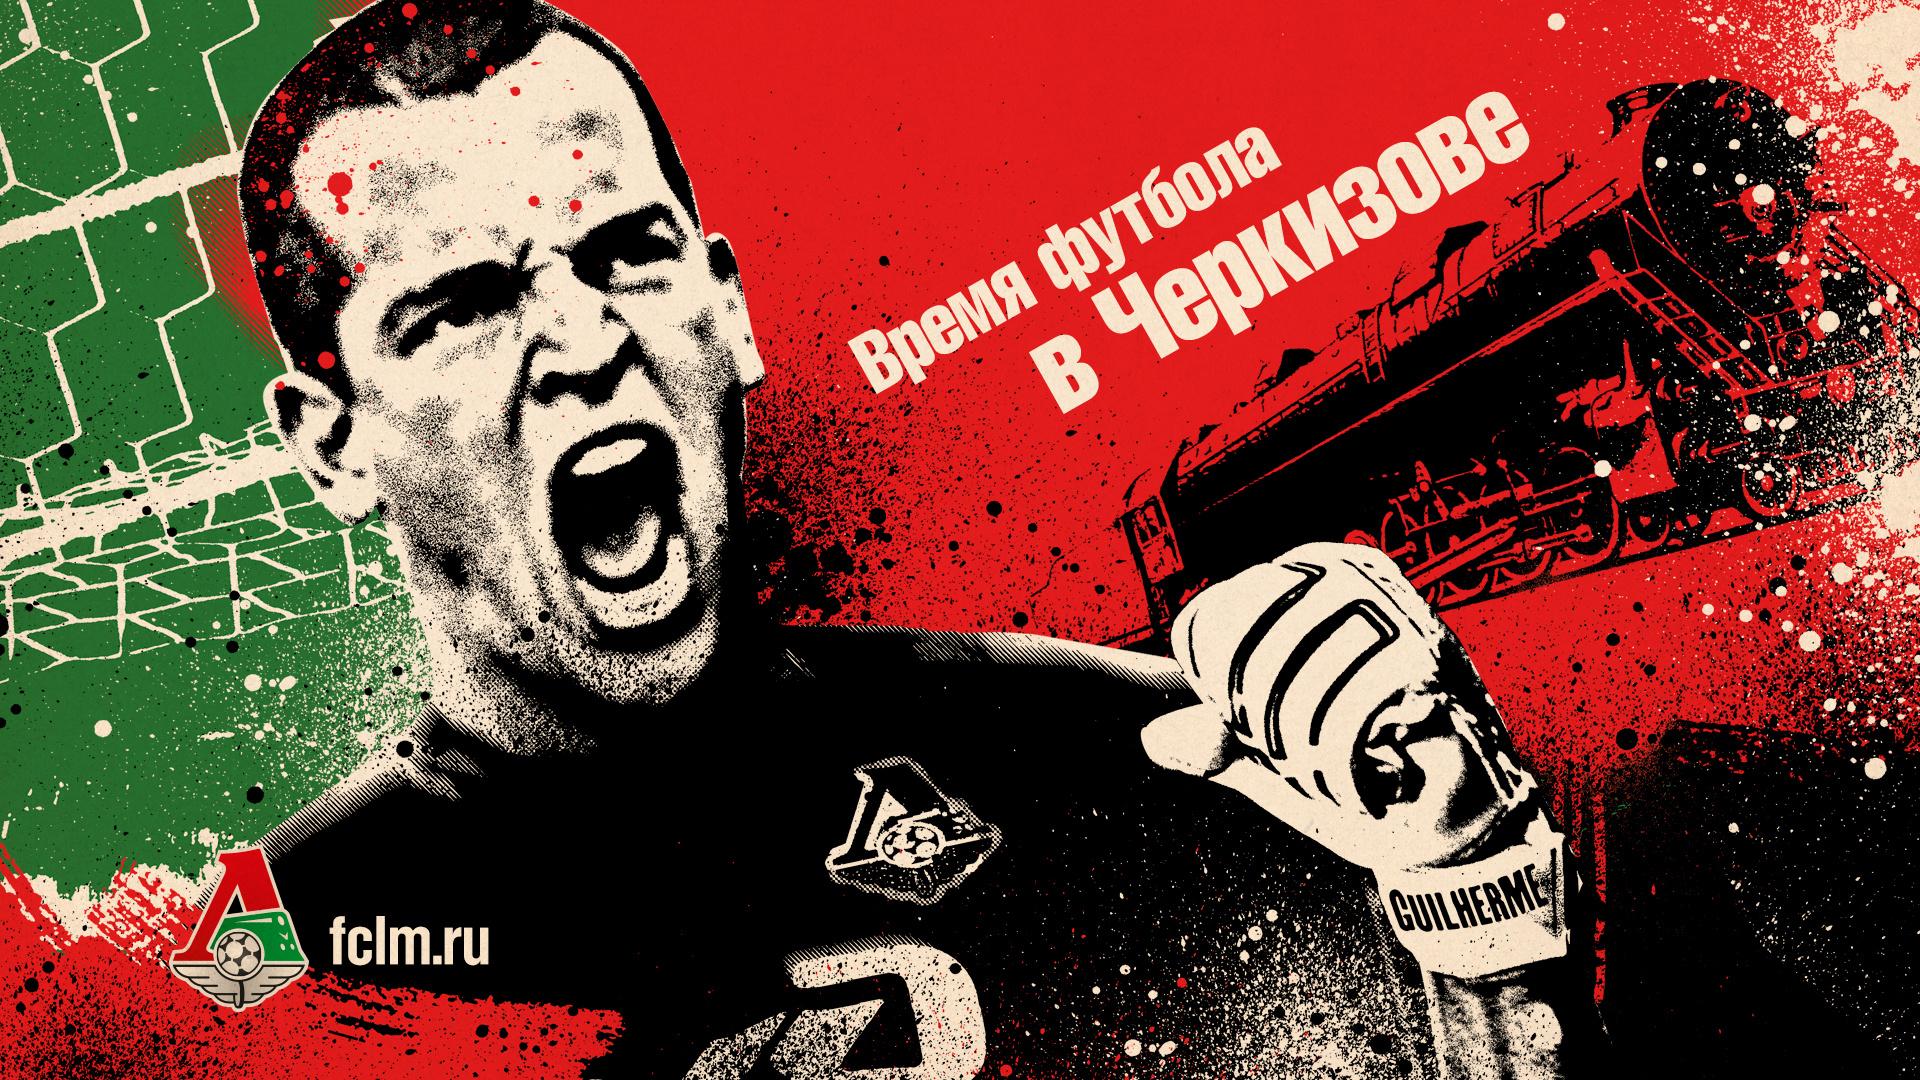 Время футбола в Черкизове